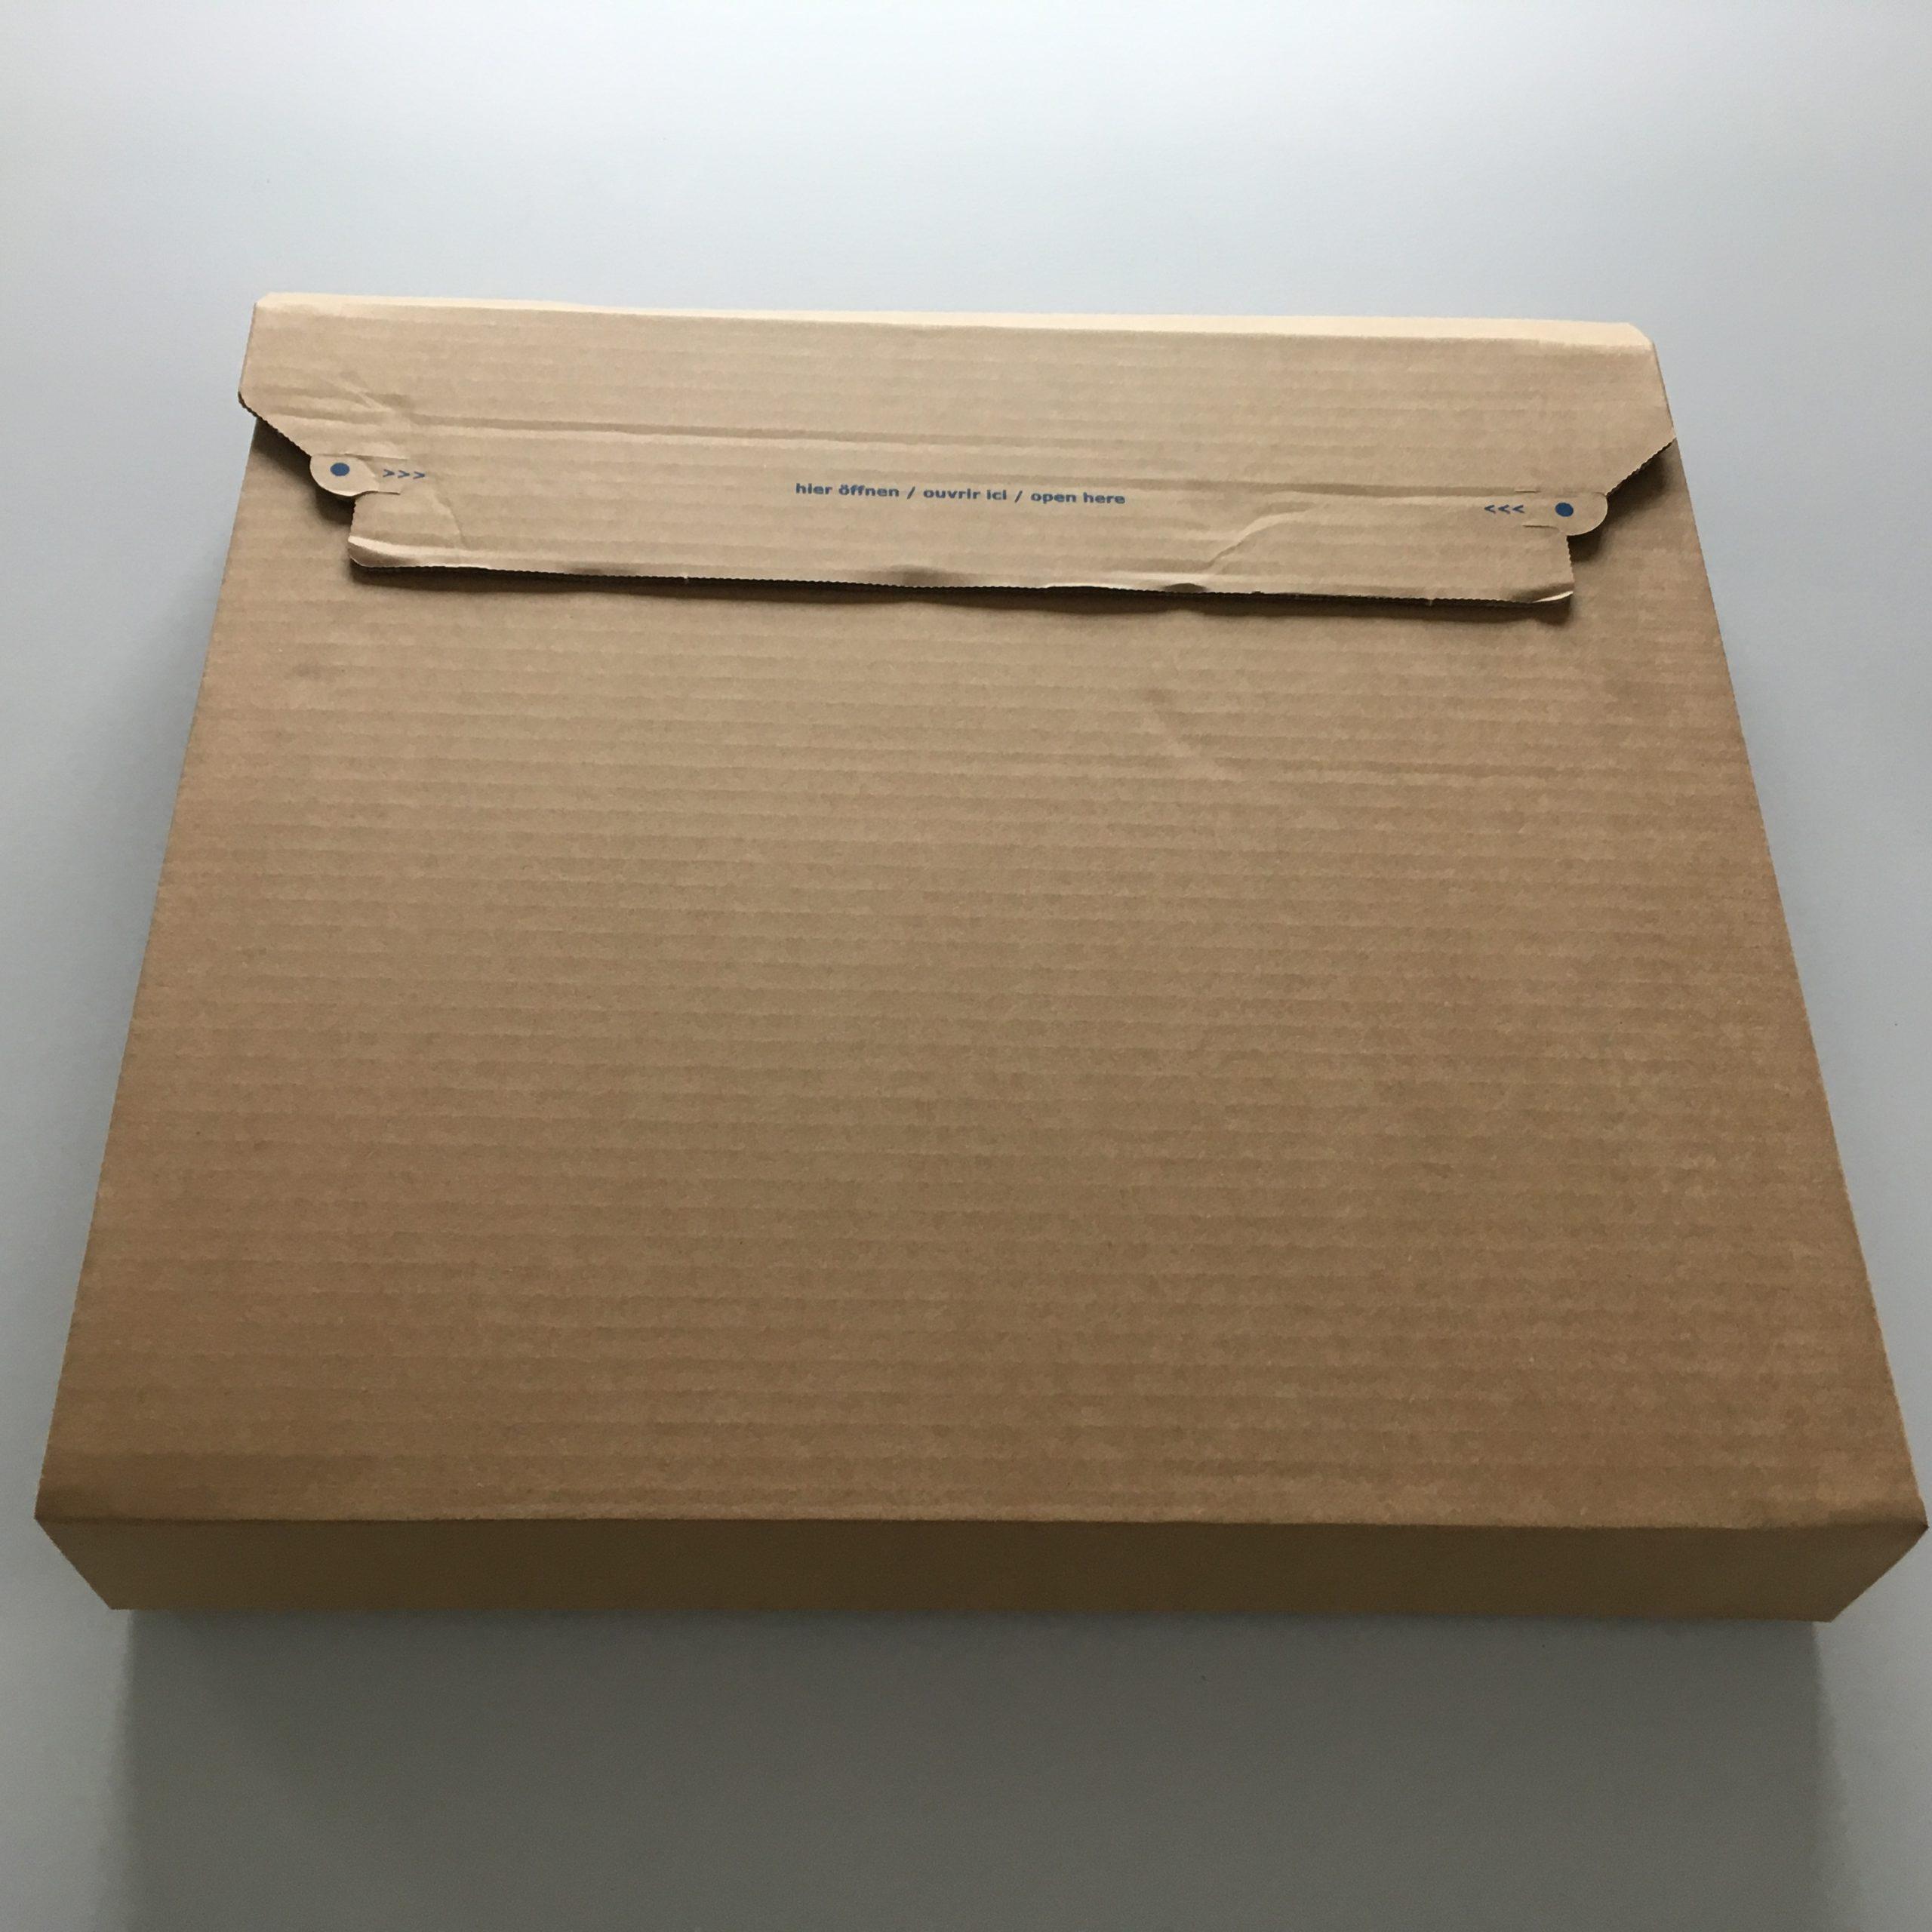 Picture of: 12 Karton Box Til Forsendelse Af Lp Er 10 Stk Renvinyl